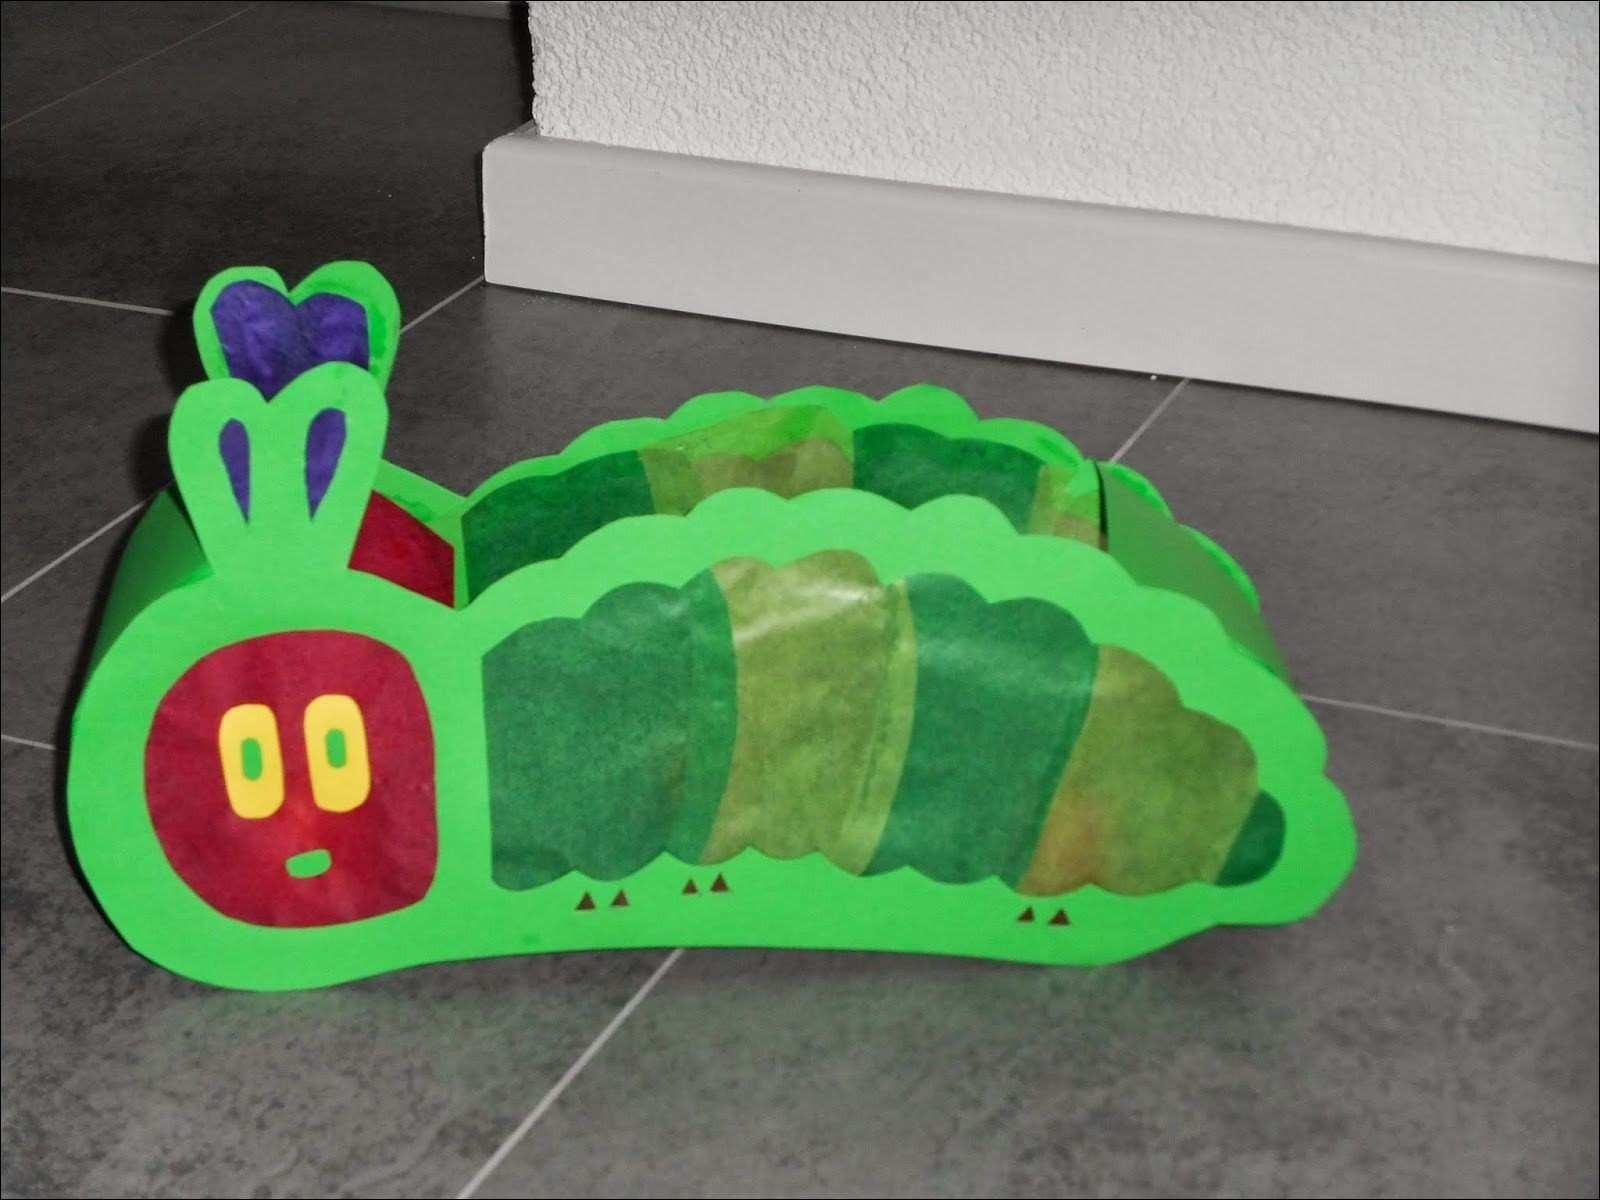 Die Kleine Raupe Nimmersatt Ausmalbild Genial Raupe Nimmersatt Ausmalbild Ausmalbilder Robin Hood Neu Bilder